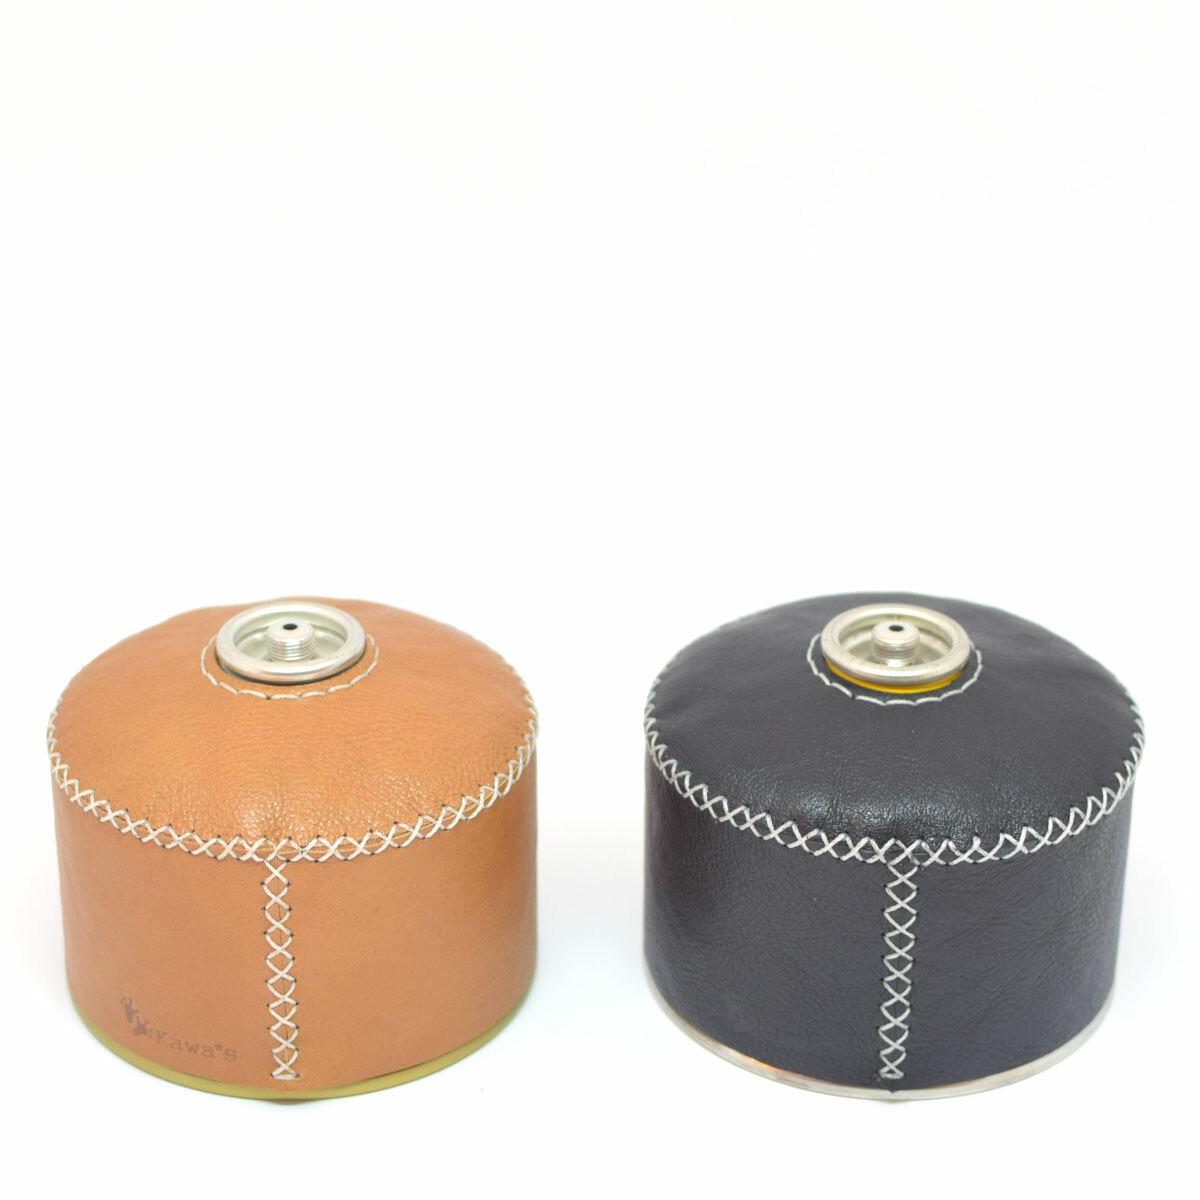 Kawa's OD缶カバー 250/230サイズ